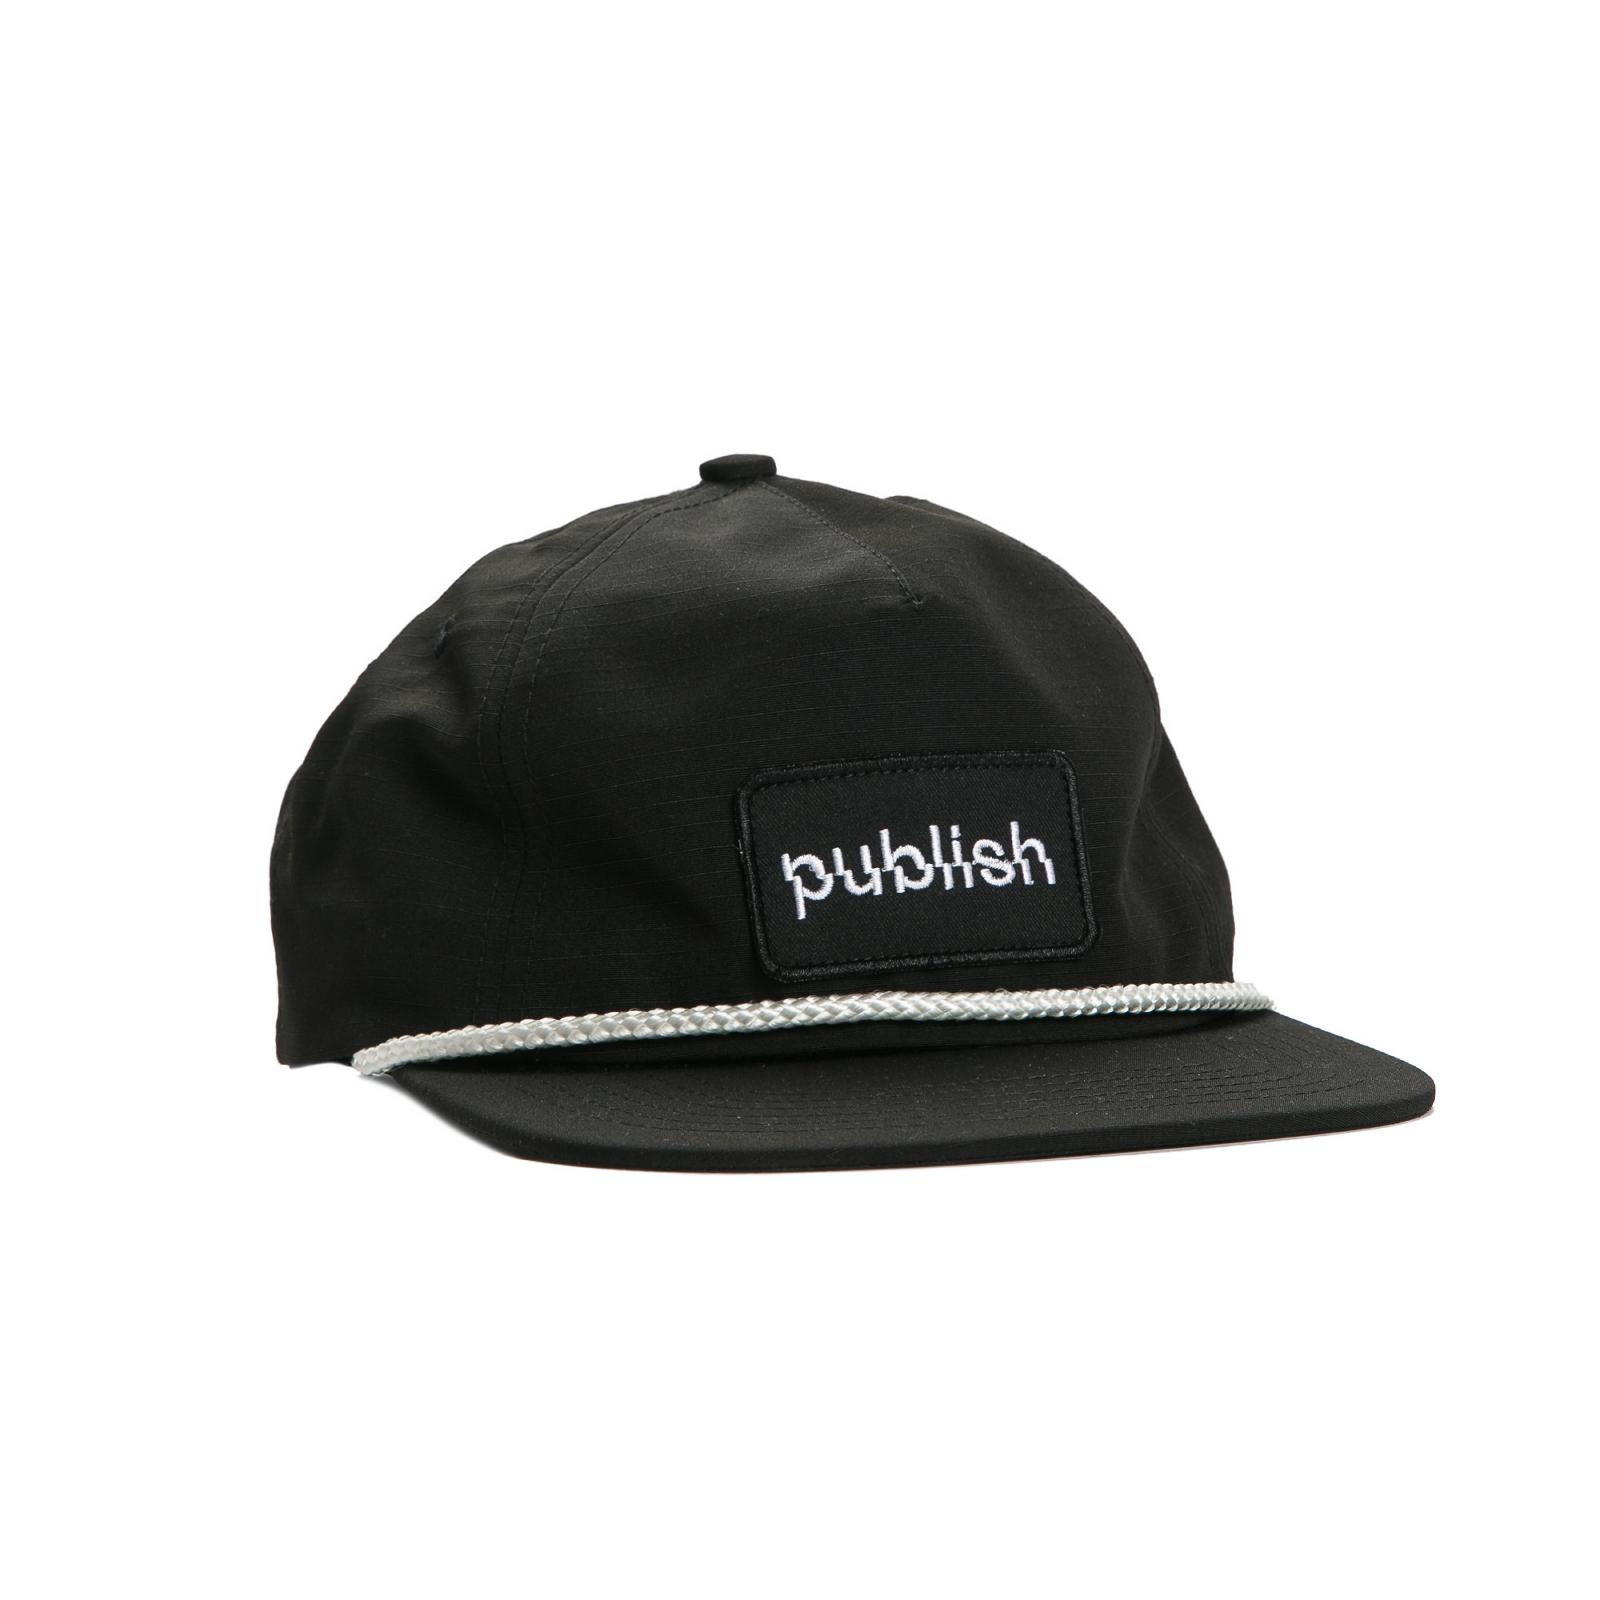 【PUBLISH BRAND/パブリッシュブランド】SHIFTER スナップバックキャップ / BLACK